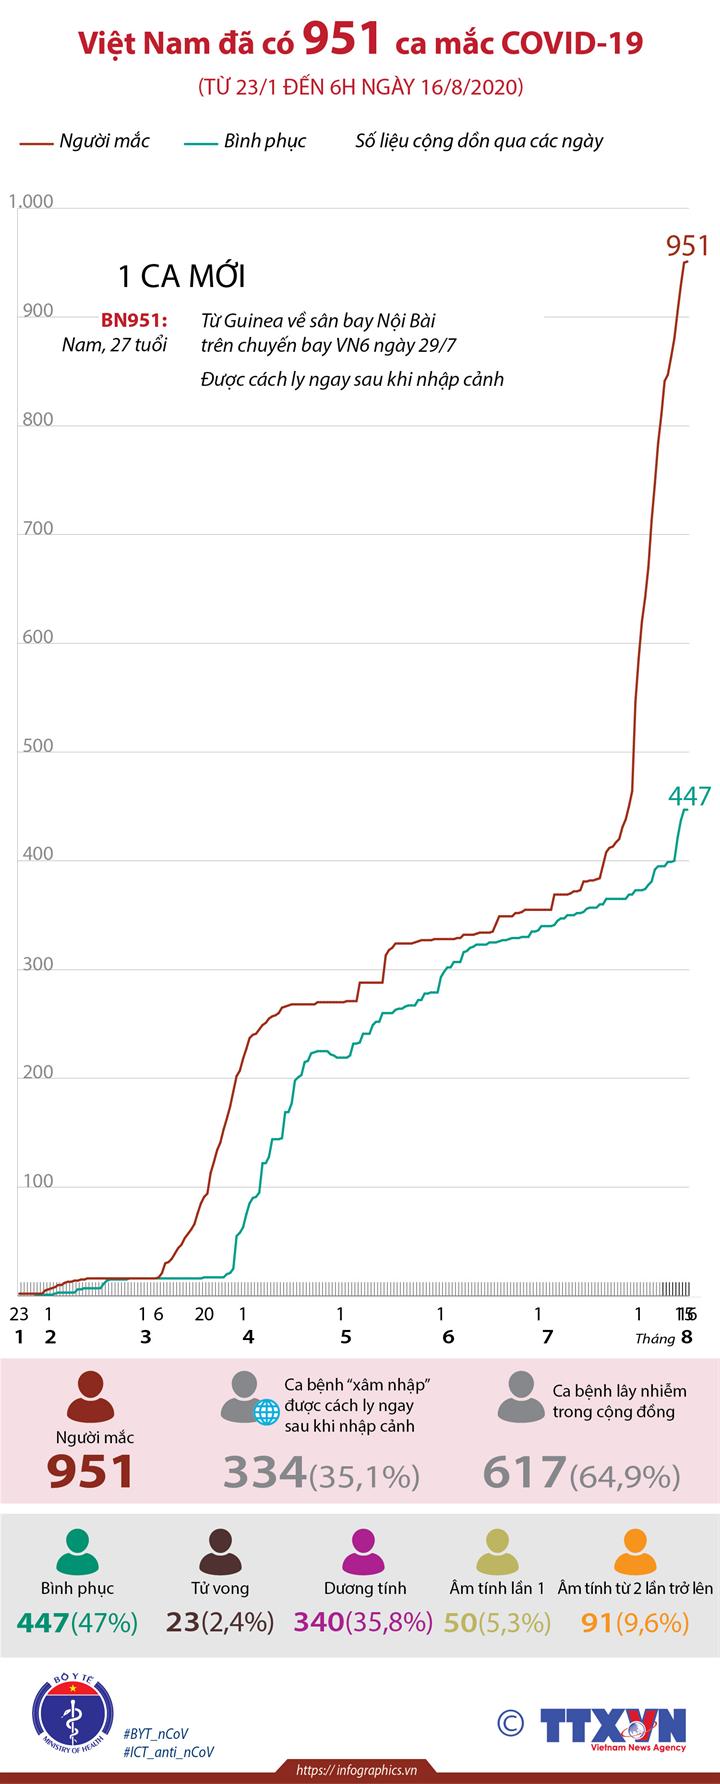 Việt Nam đã có 951 ca mắc COVID-19 (từ 23/1 đến 6h ngày 16/8/2020)